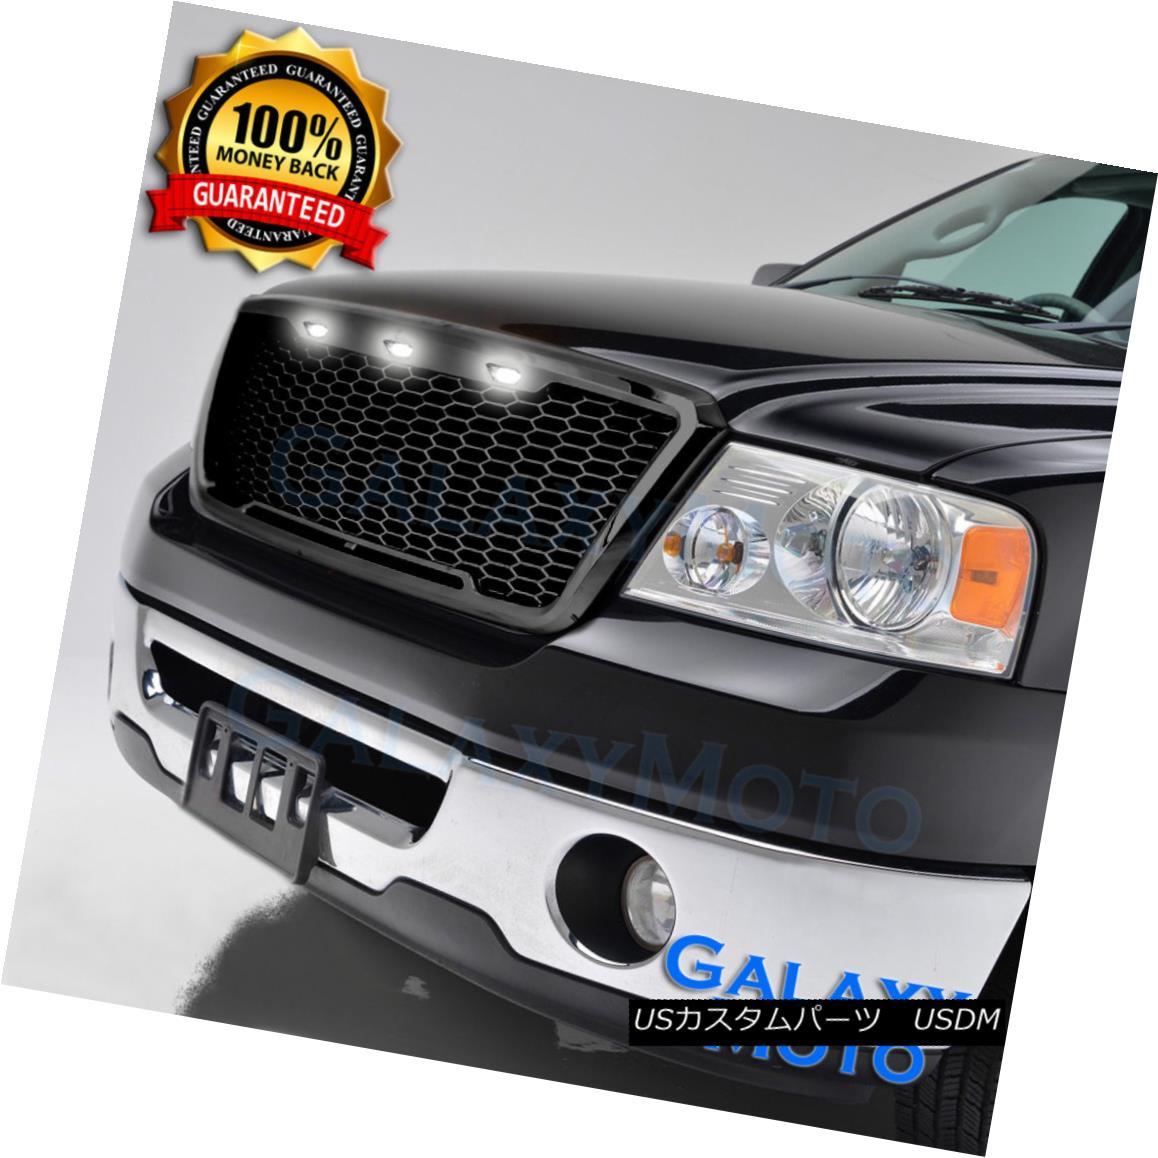 グリル 04-08 Ford hite F150 Raptor Style LED Gloss W Black Package Mesh Grille+Shell+White 3x LED 04-08 Ford F150ラプタースタイルグロスブラックパッケージメッシュグリル+シェル+ W hite 3x LED, 防犯百貨 ホームプラス:3cf65c0a --- knbufm.com